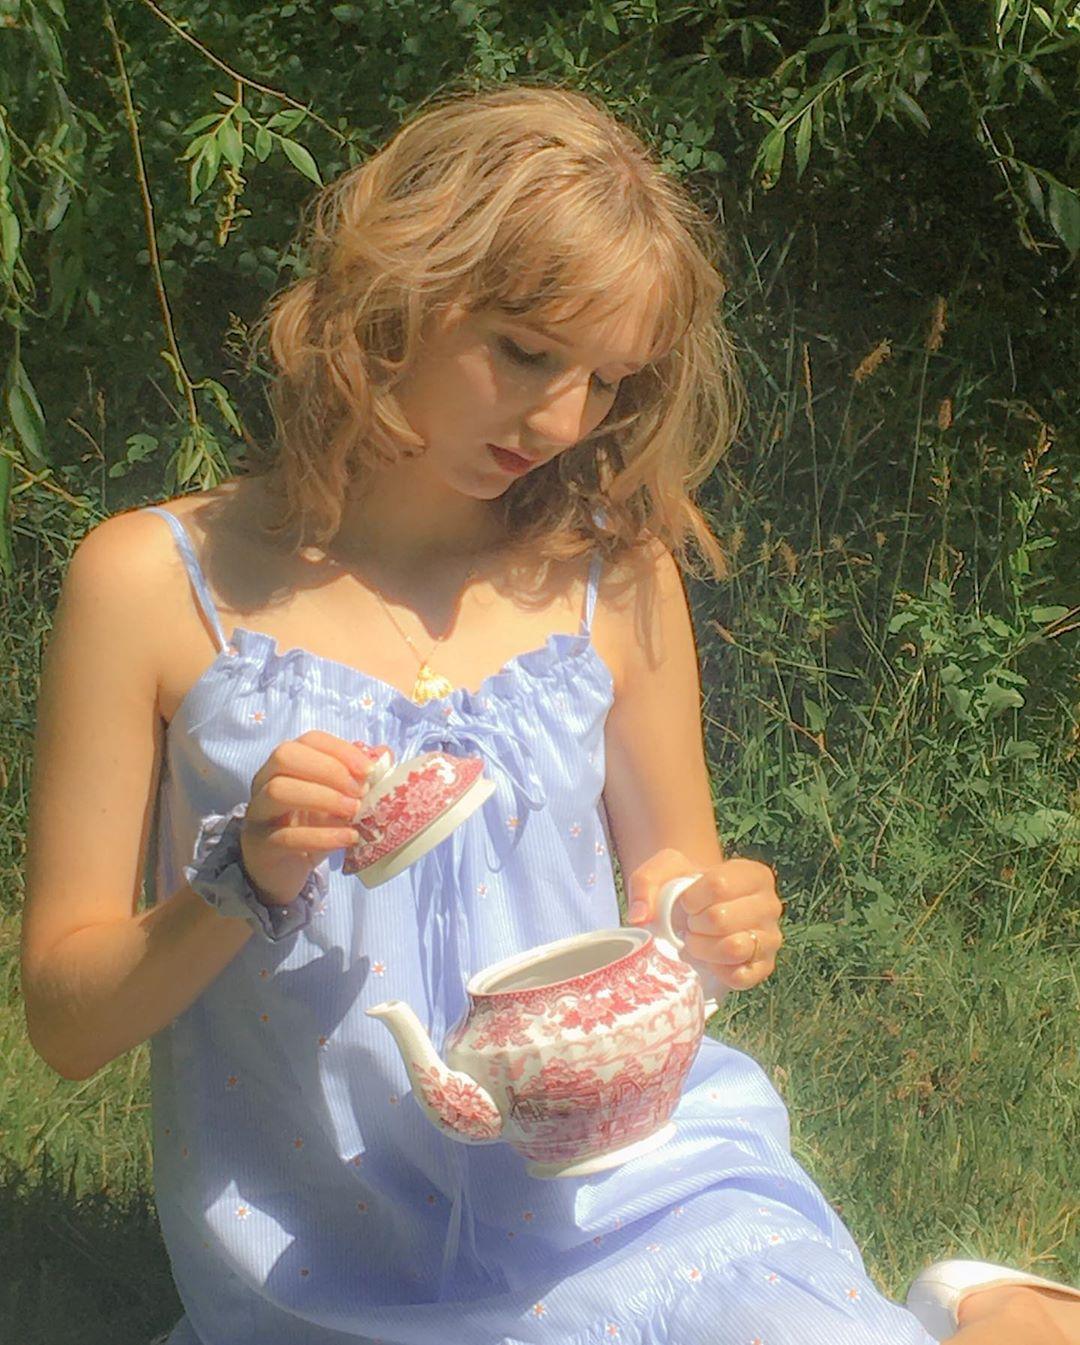 cô gái mặc váy xanh ngồi trên bãi cỏ